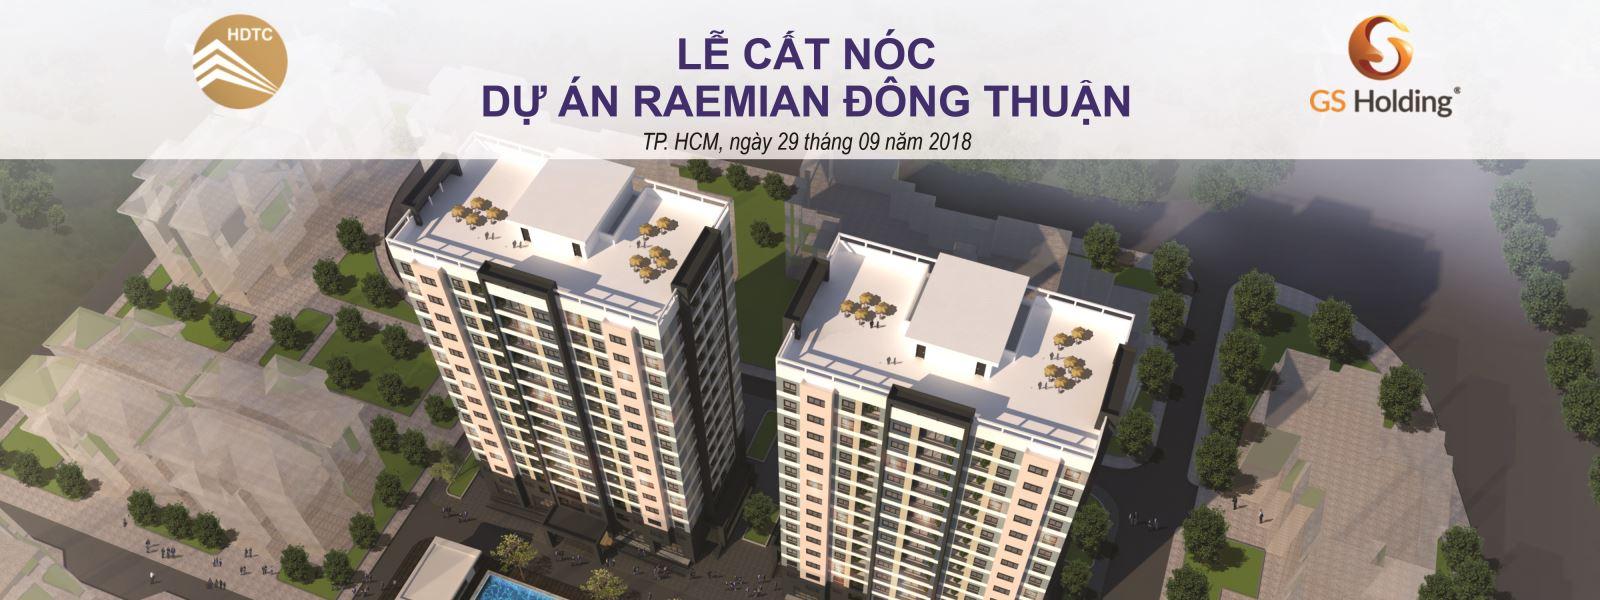 mua-can-ho-reamian-dong-thuan-quan-12